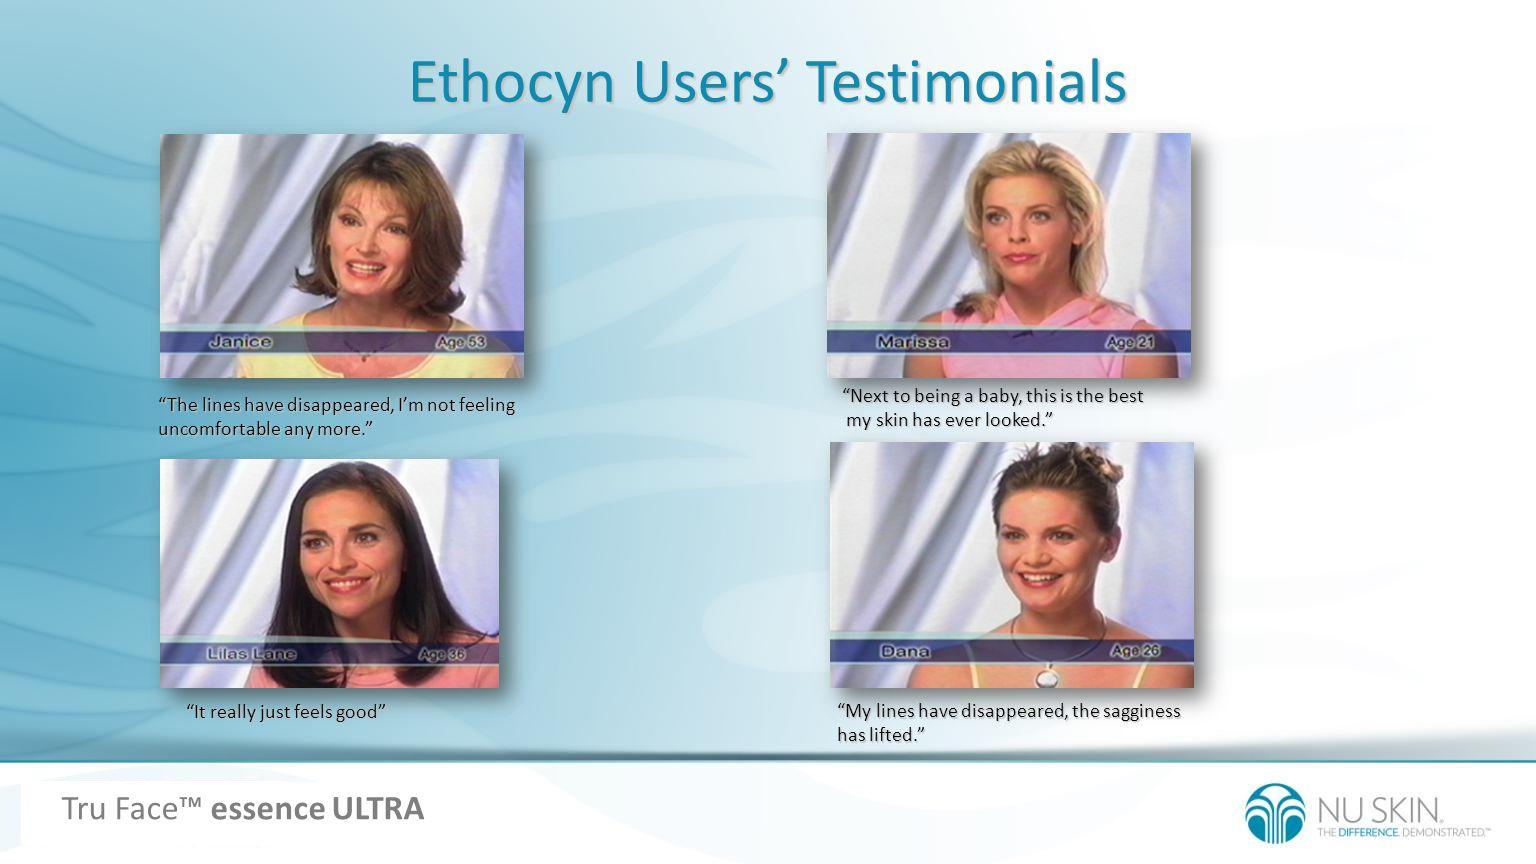 Ethocyn Users' Testimonials